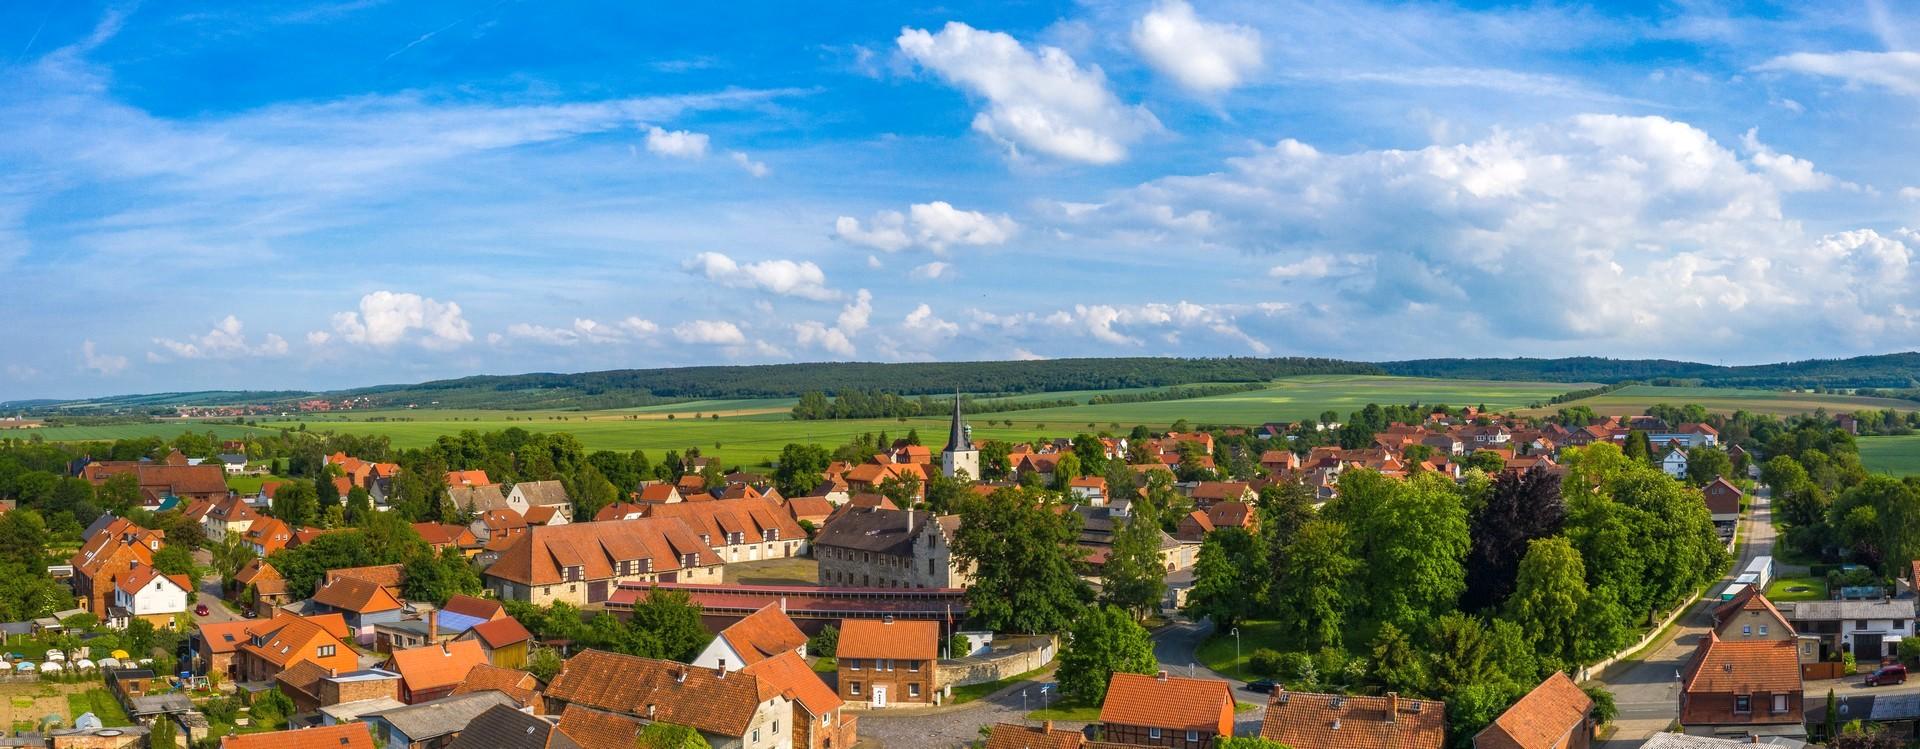 Luftbildfotograf Immobilienfotografie Unternehmensfotgrafie Drohnenbilder Harz